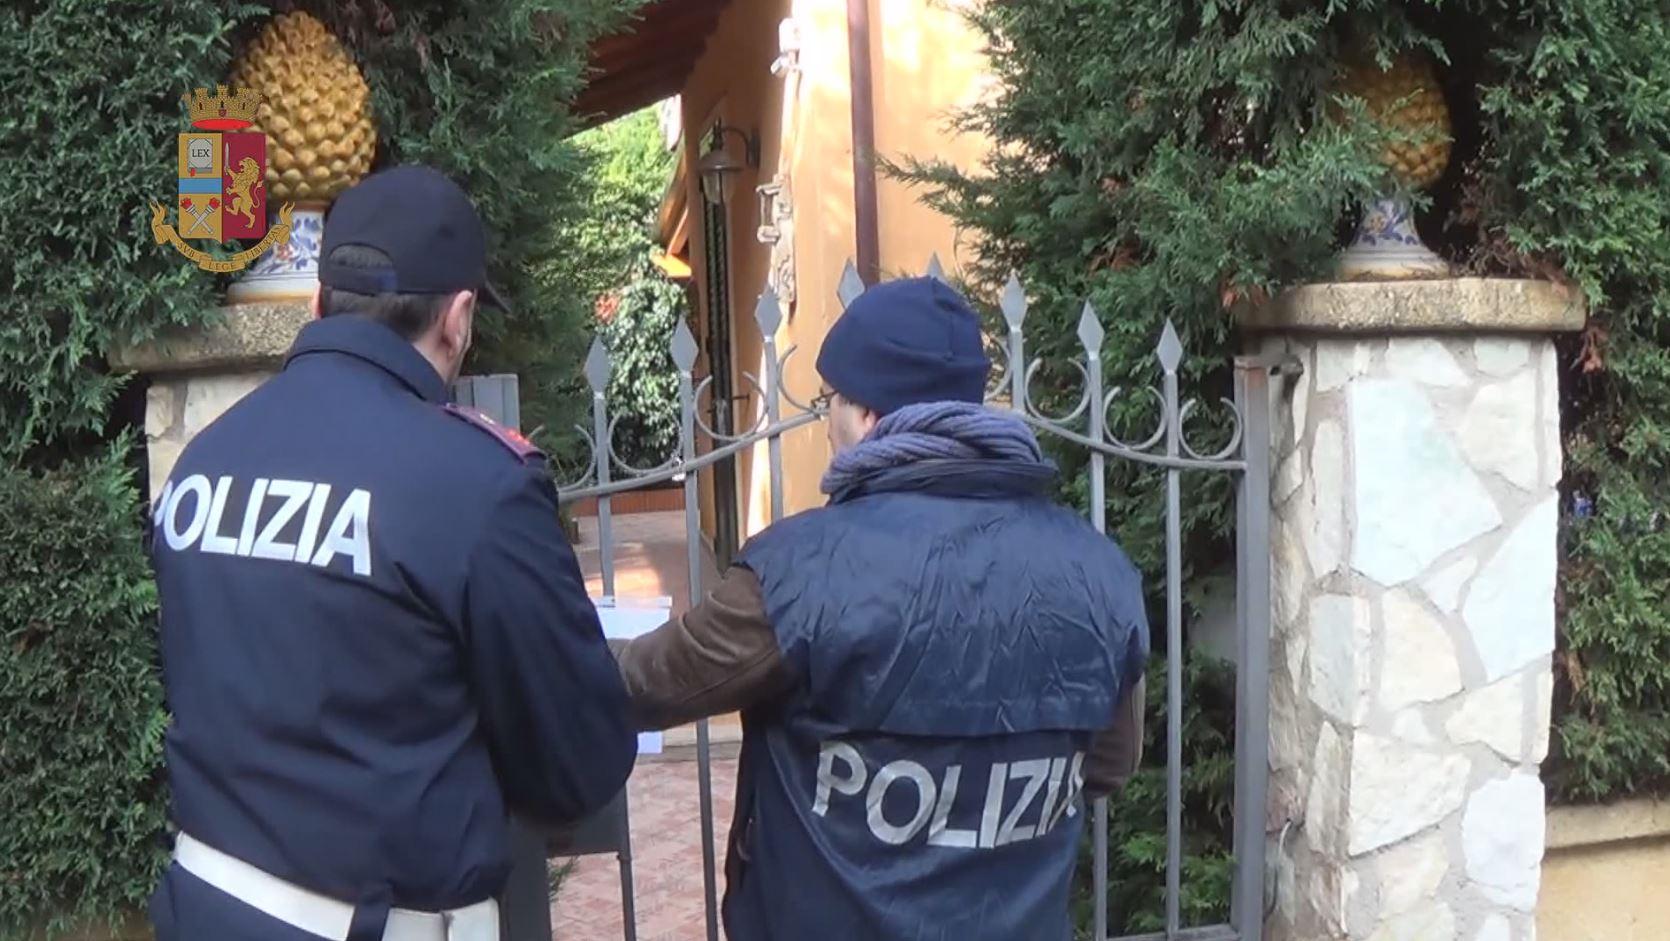 Traffico di droga e rapine, confiscati beni per oltre 500 mila euro a 41enne